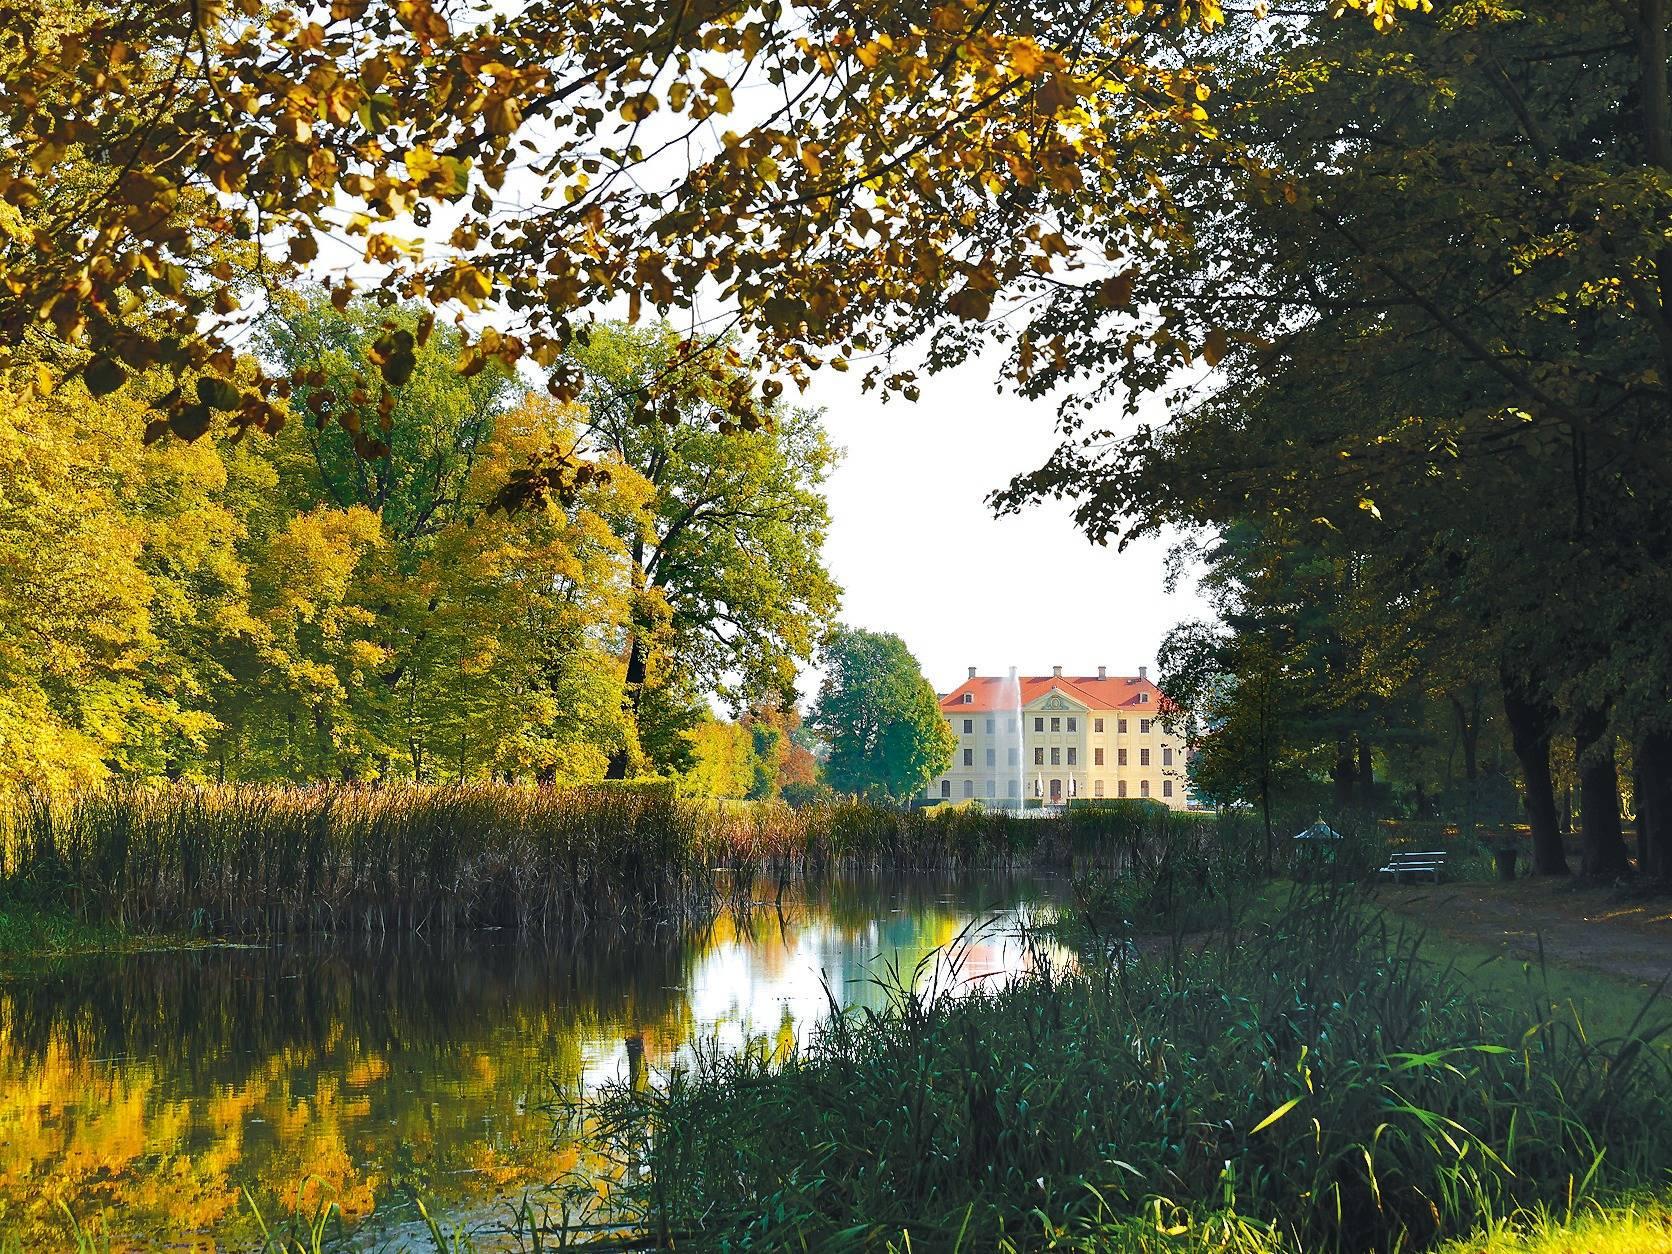 Sächsische Feierlaune - Reise - Rhein Neckar Zeitung